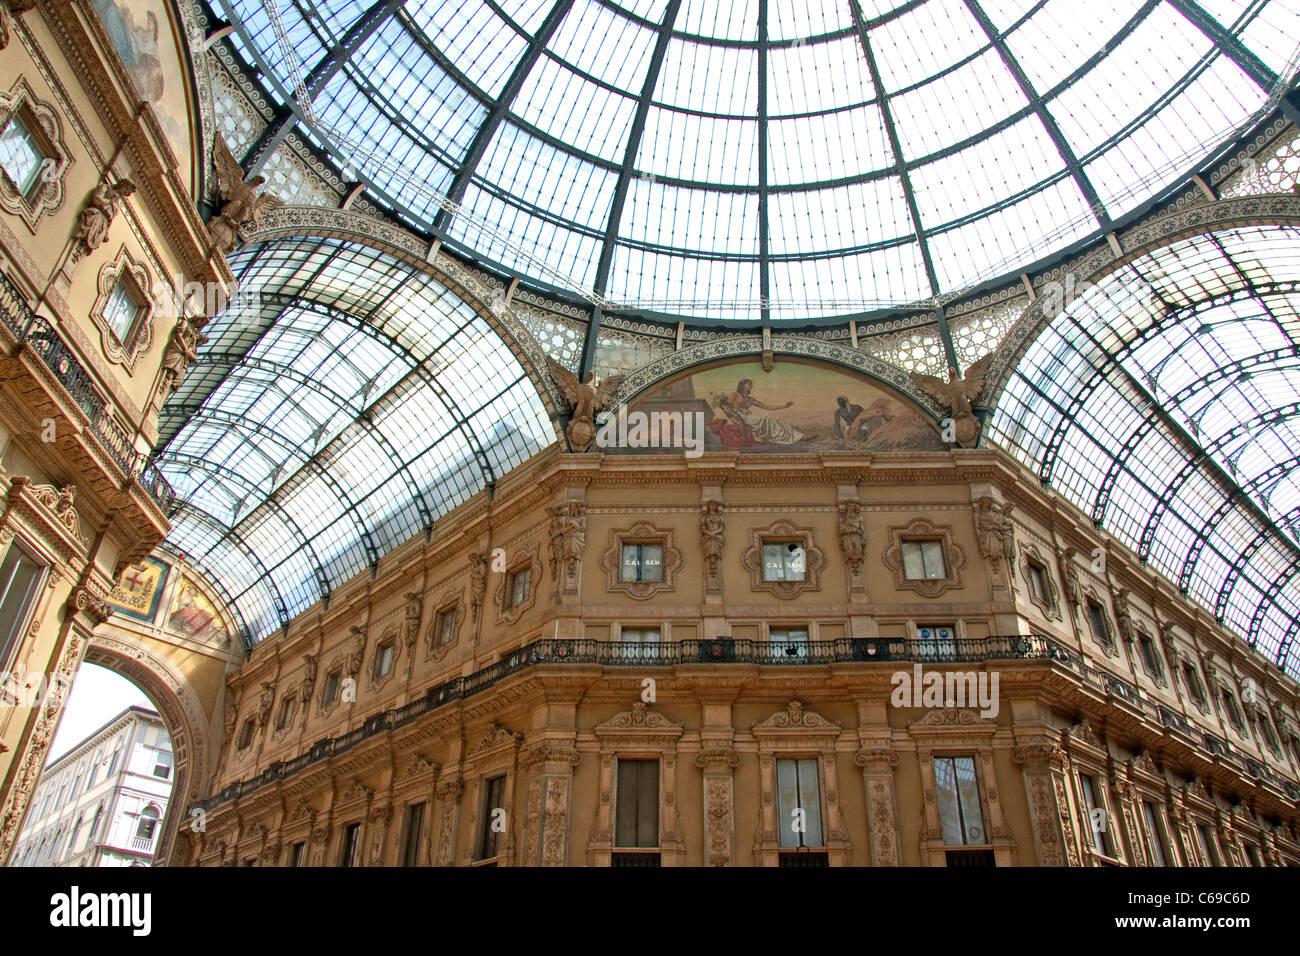 Galleria Vittoria Emanuele II in Milan, Italy - Stock Image